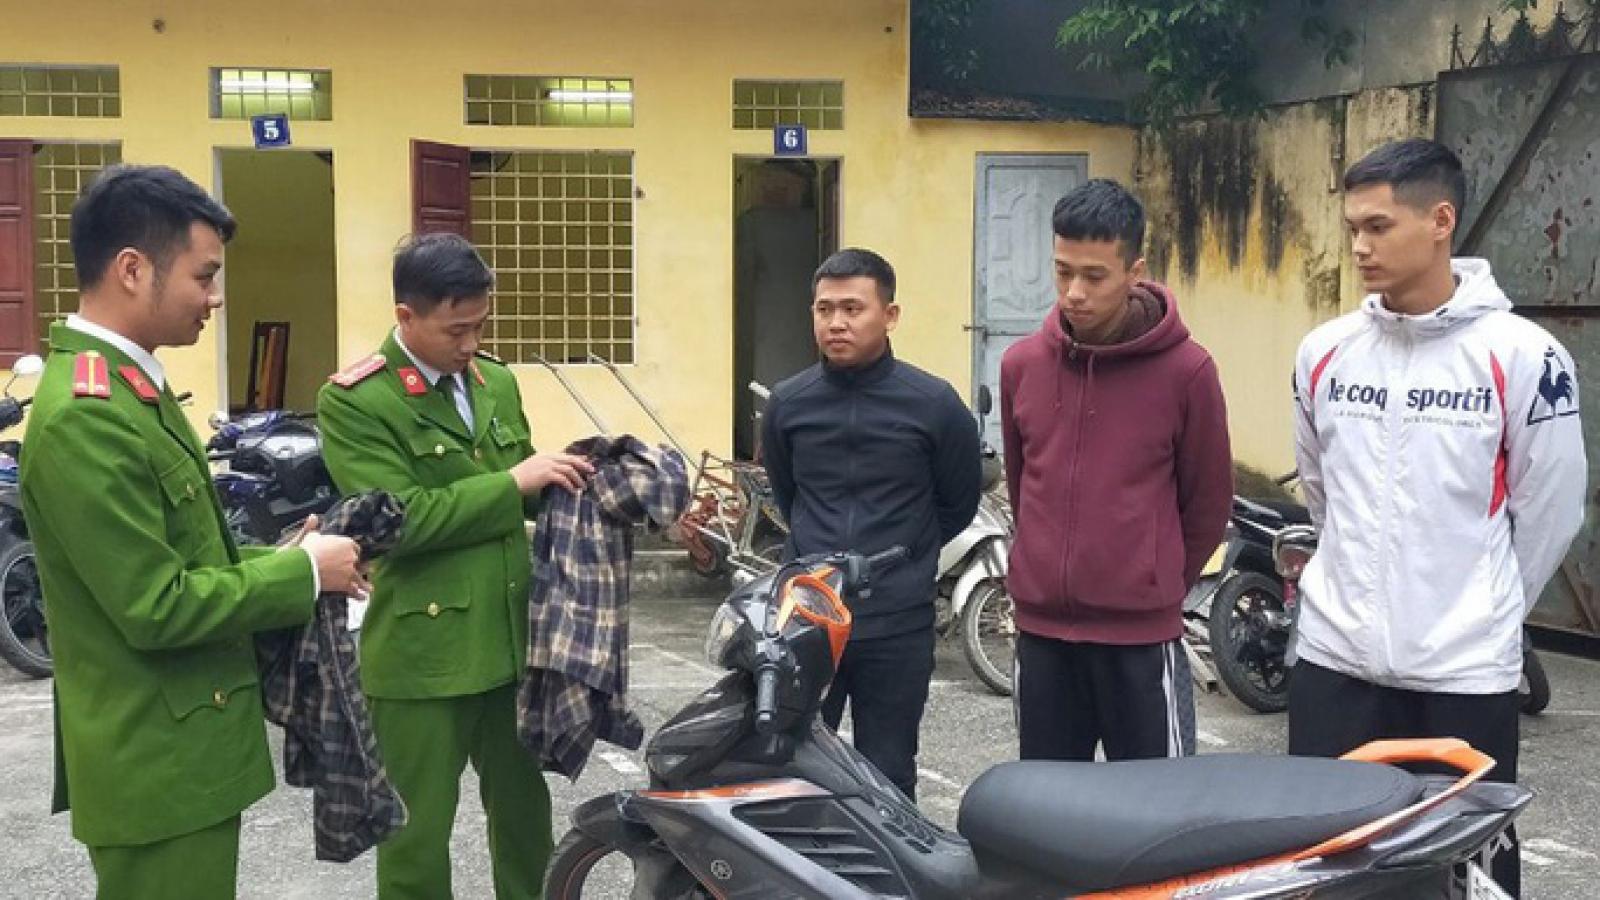 Đã xác định được 3 kẻ ném chất bẩn vào nhà phóng viên báo Người Lao Động